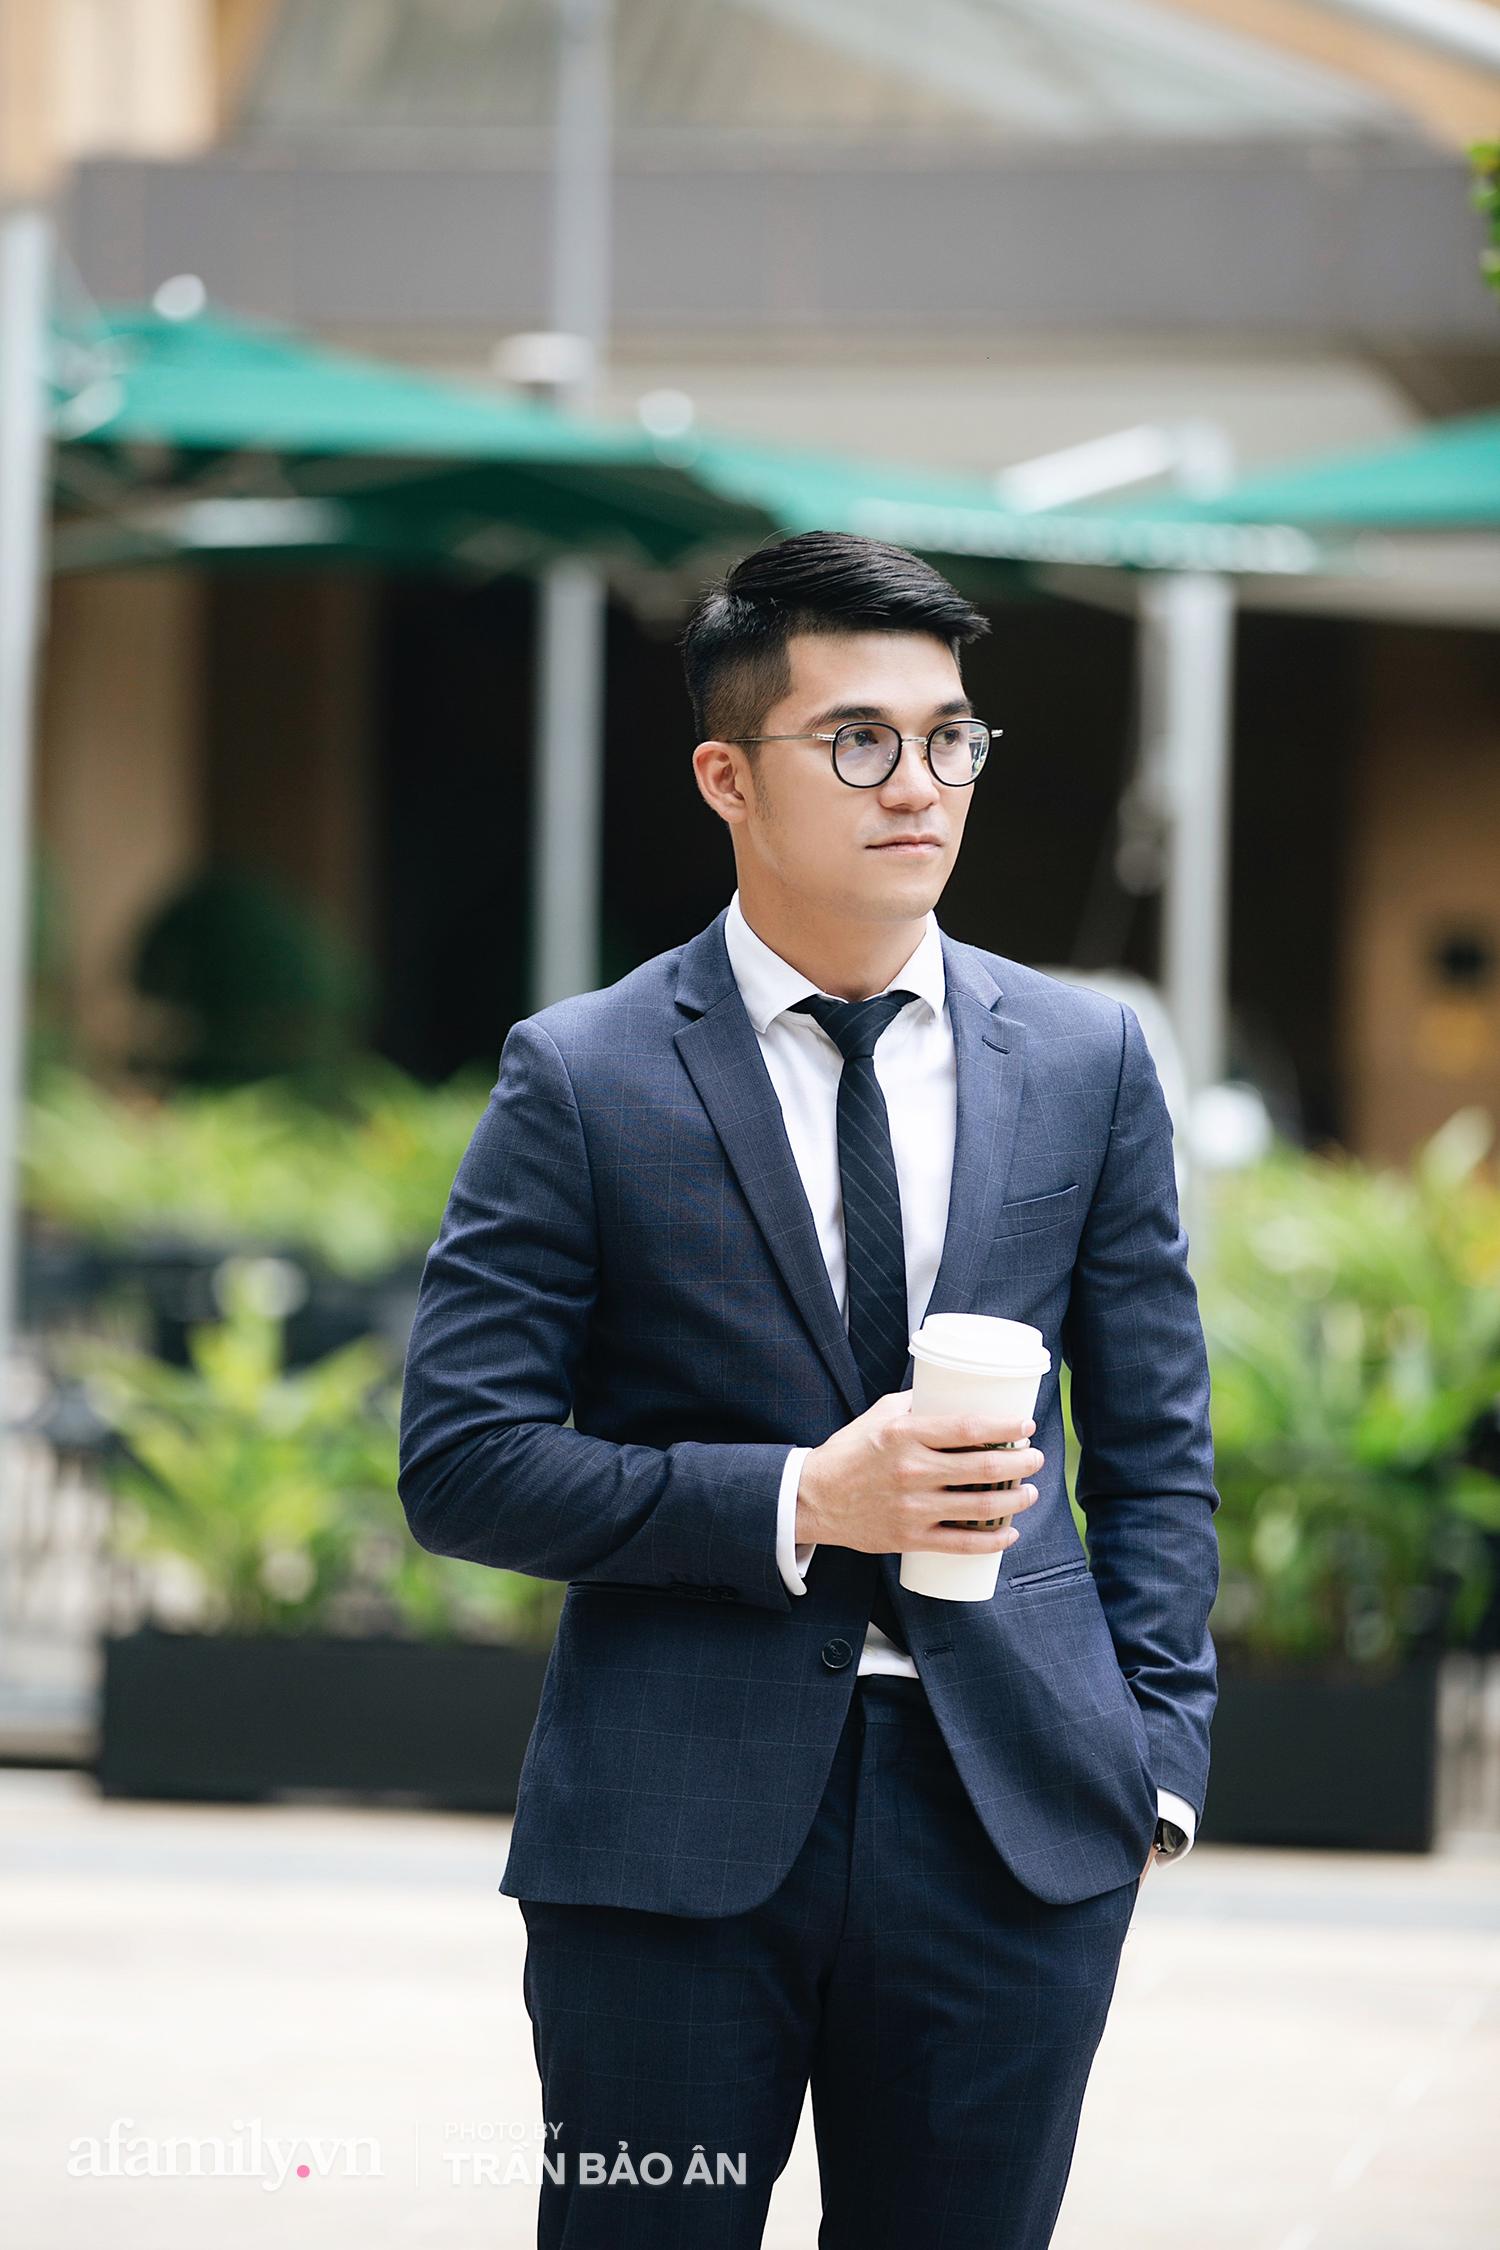 Bảo Hoàng - CEO 9X, người đứng sau hàng loạt chiến lược của các Hoa Hậu Hoàn Vũ Việt Nam, và quan niệm độc đáo về sự quyến rũ của phụ nữ - Ảnh 3.